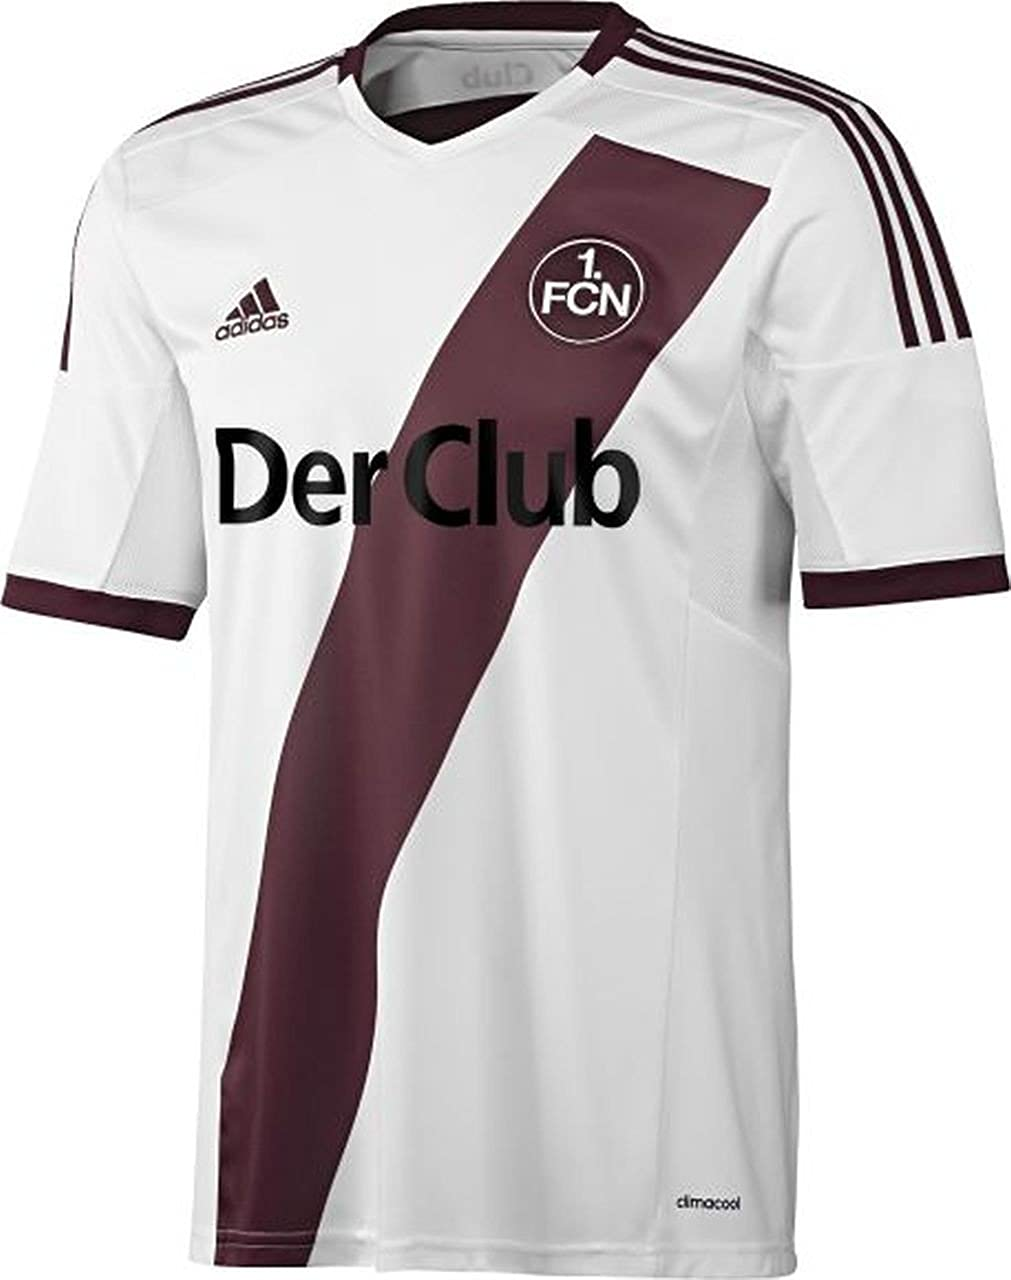 adidas - Camiseta del Equipo de fútbol 1 FC Núremberg ...